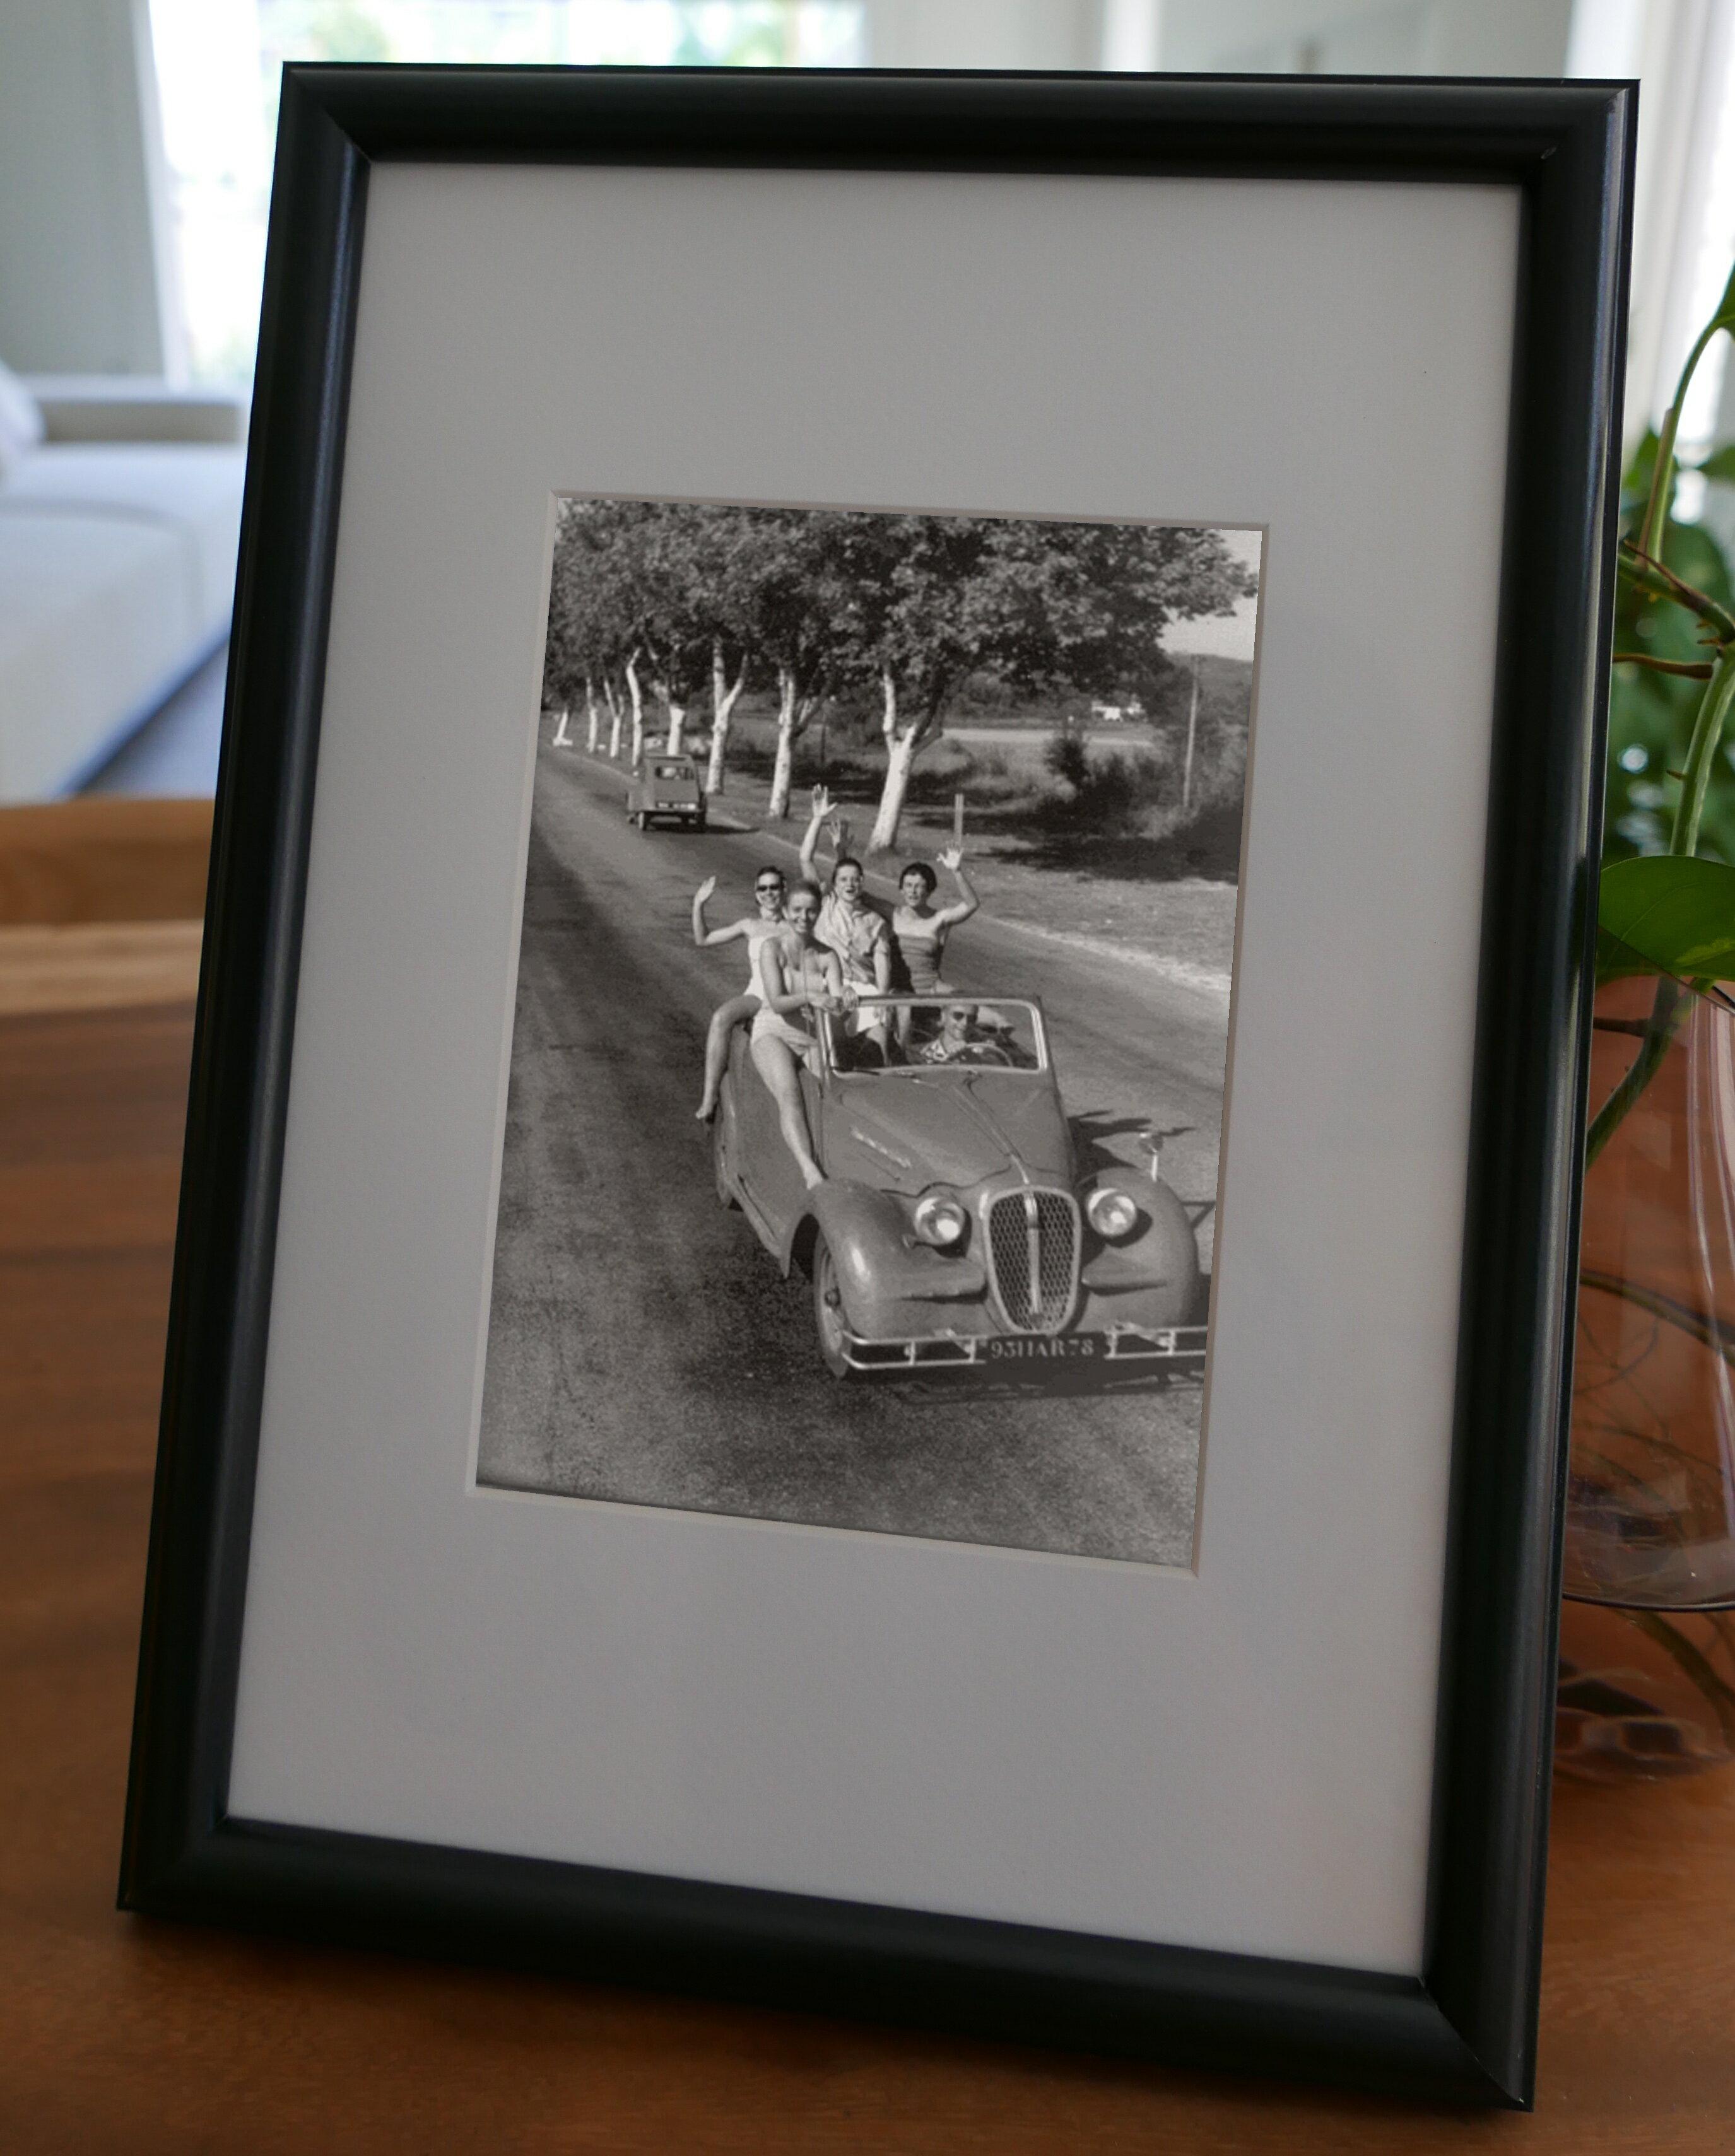 聚鯨Cetacea﹡Art【KLFZ-0229】car汽車/friendship友誼/classic經典 畫框相框